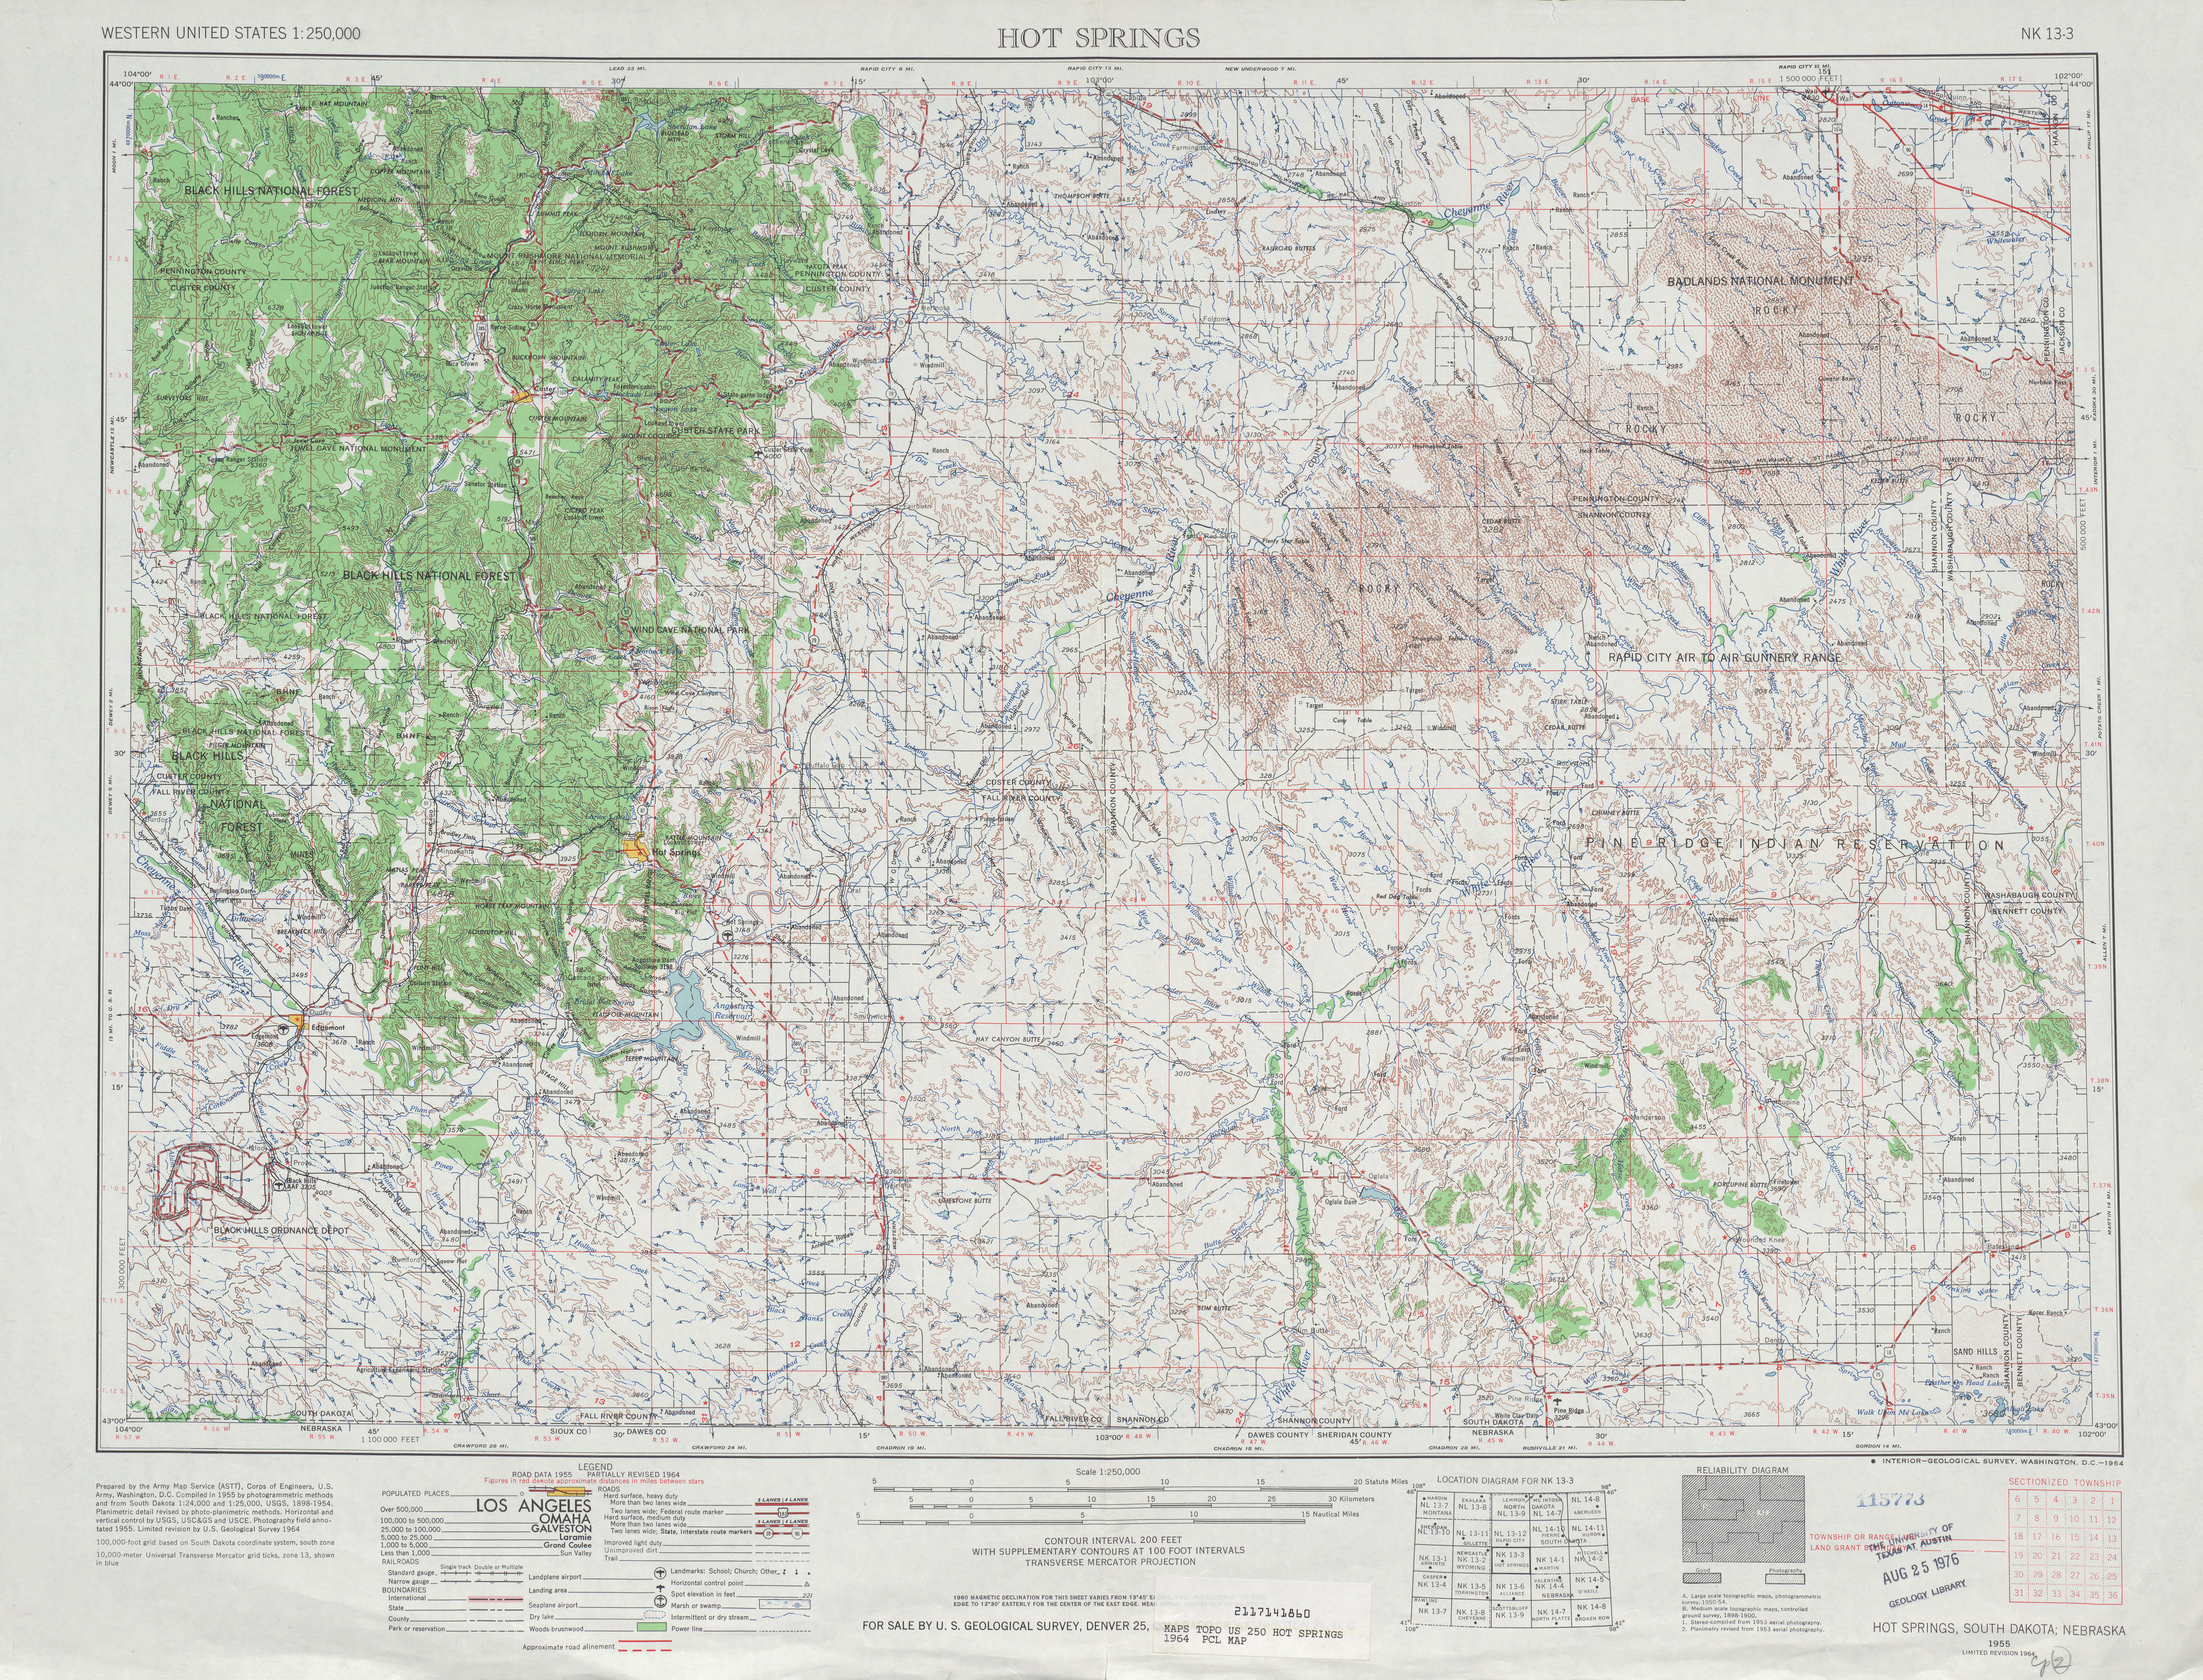 Hoja Hot Springs del Mapa Topográfico de los Estados Unidos 1964